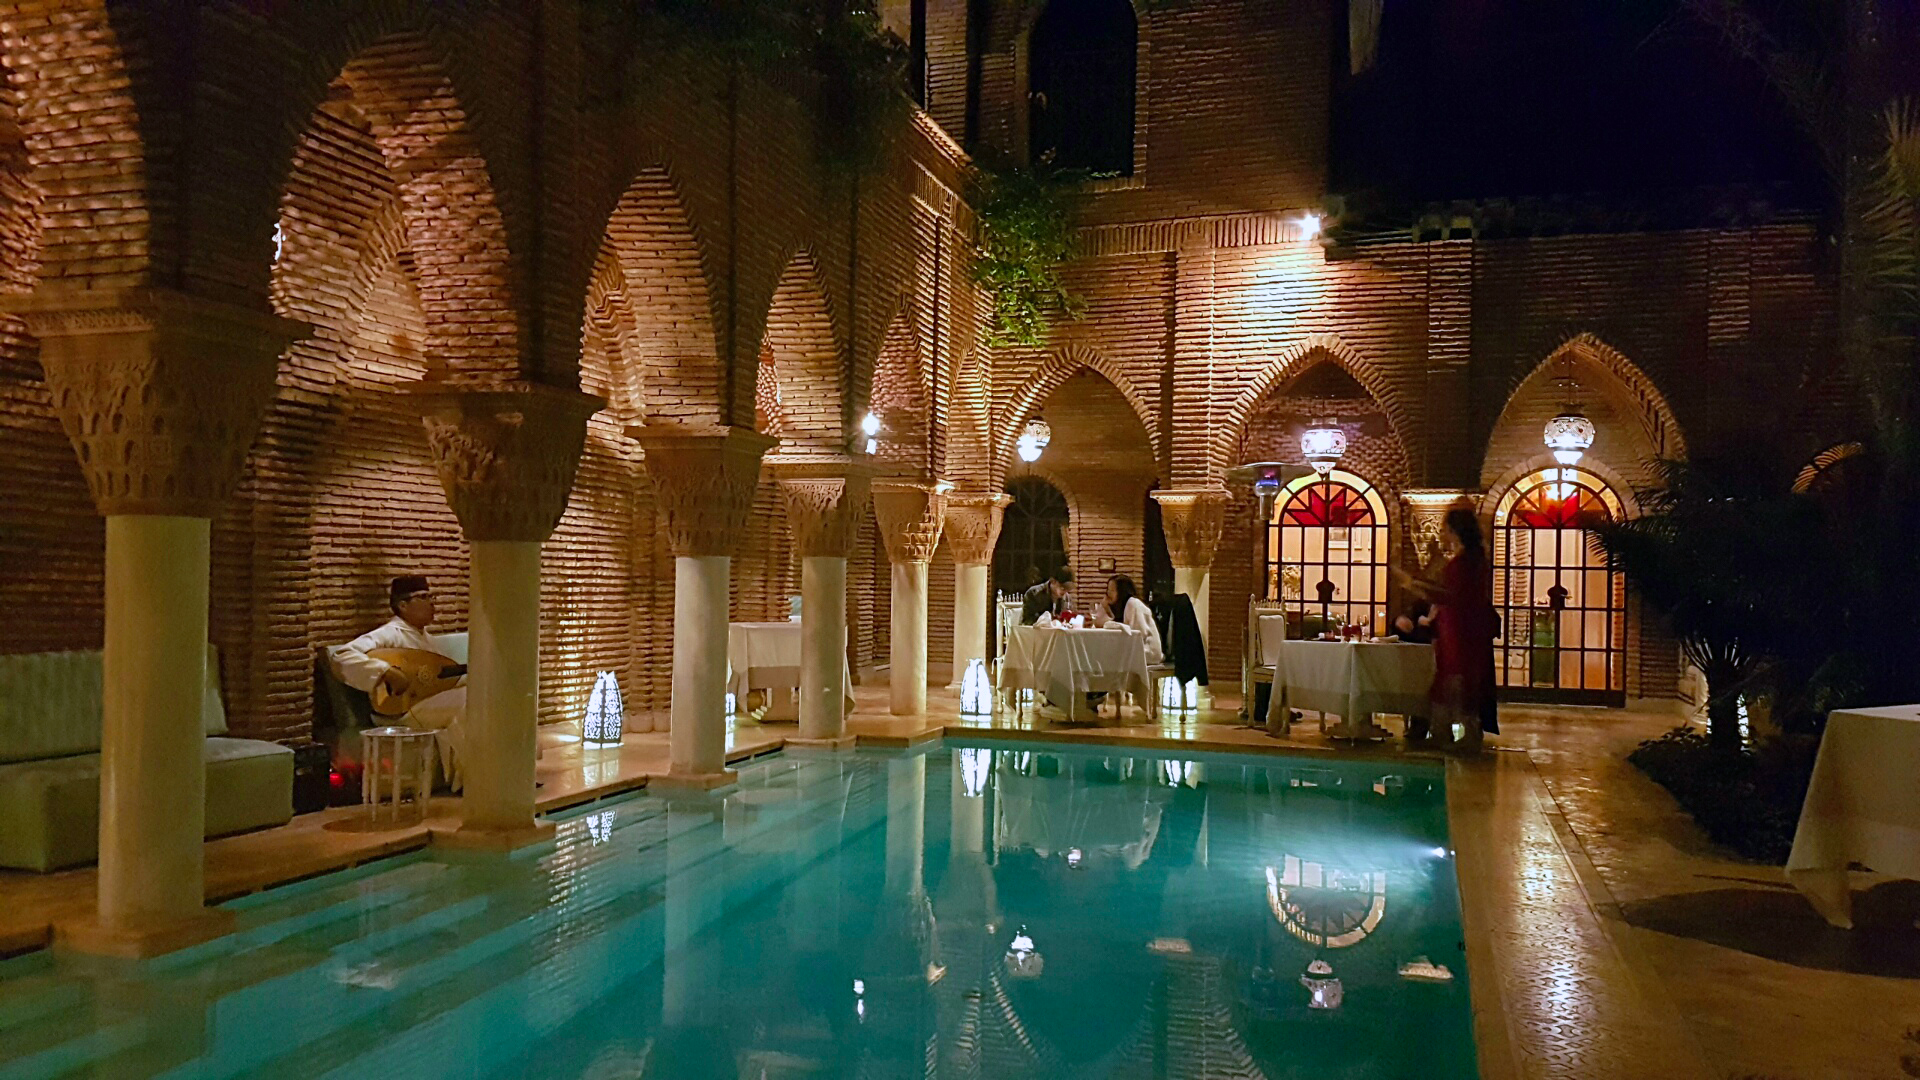 Qué ver en Marrakech, Marruecos - Morocco qué ver en marrakech - 32086500852 be699c3532 o - Qué ver en Marrakech, Marruecos